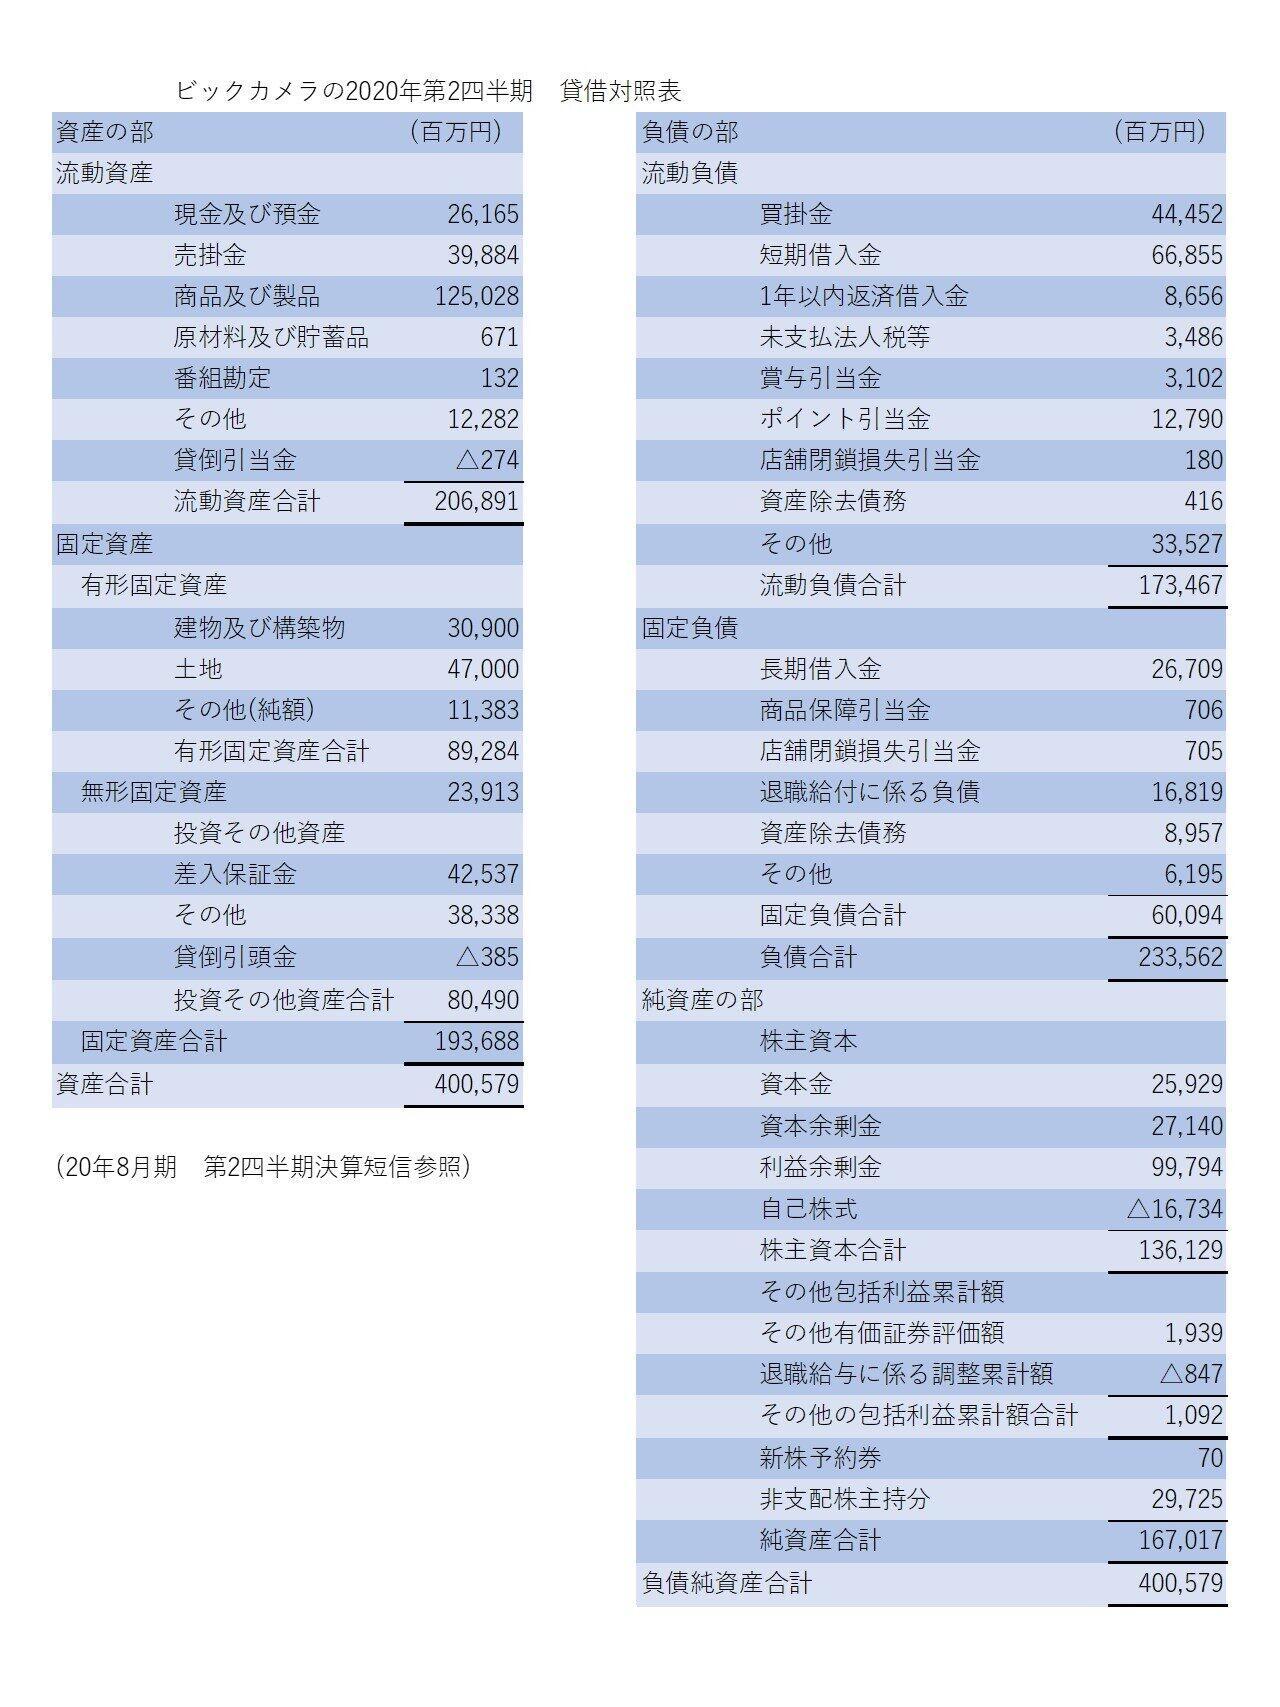 表2)ビックカメラの貸借対照表(2020年第2四半期:19年9月~20年12月期)